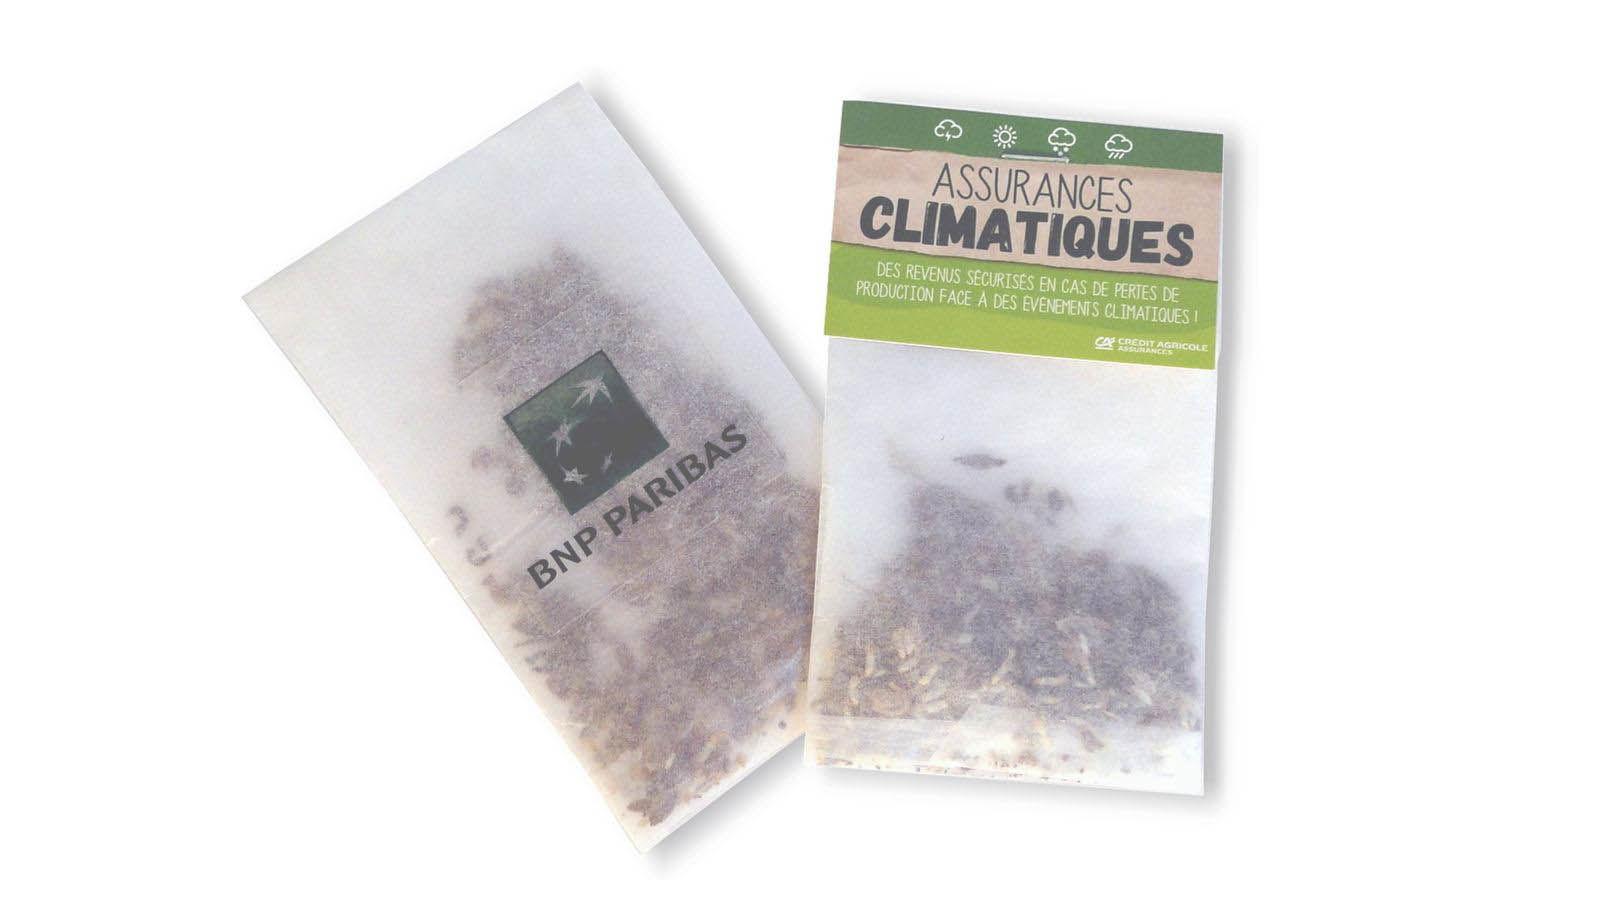 Sachet Calque | Sachet Calque Écologique Publicitaire | Sachets de Graines Publicitaires | Plus de 80 Variétés | KelCom